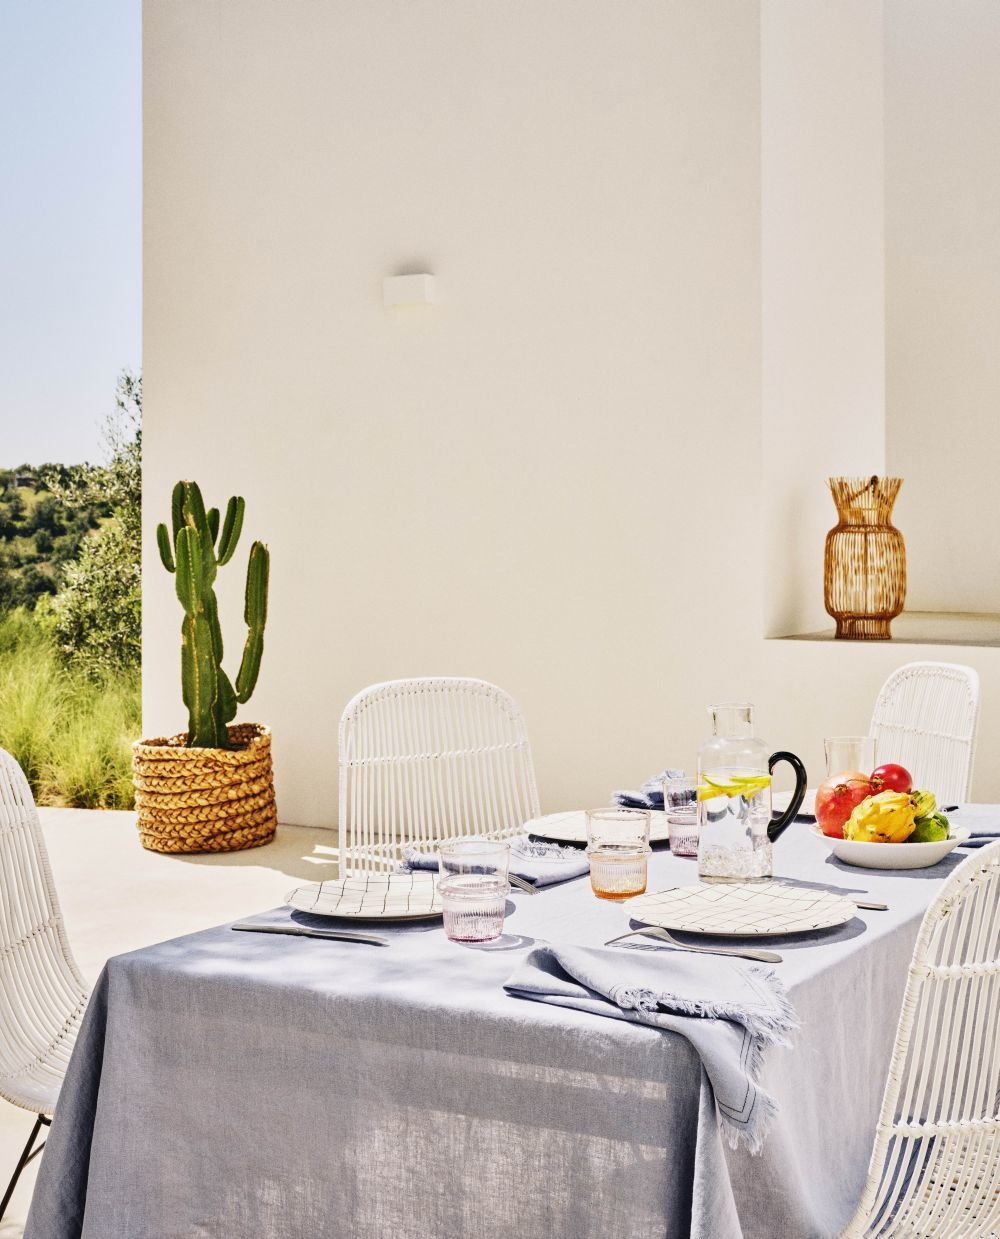 Decoración de mesa de Zara Home.